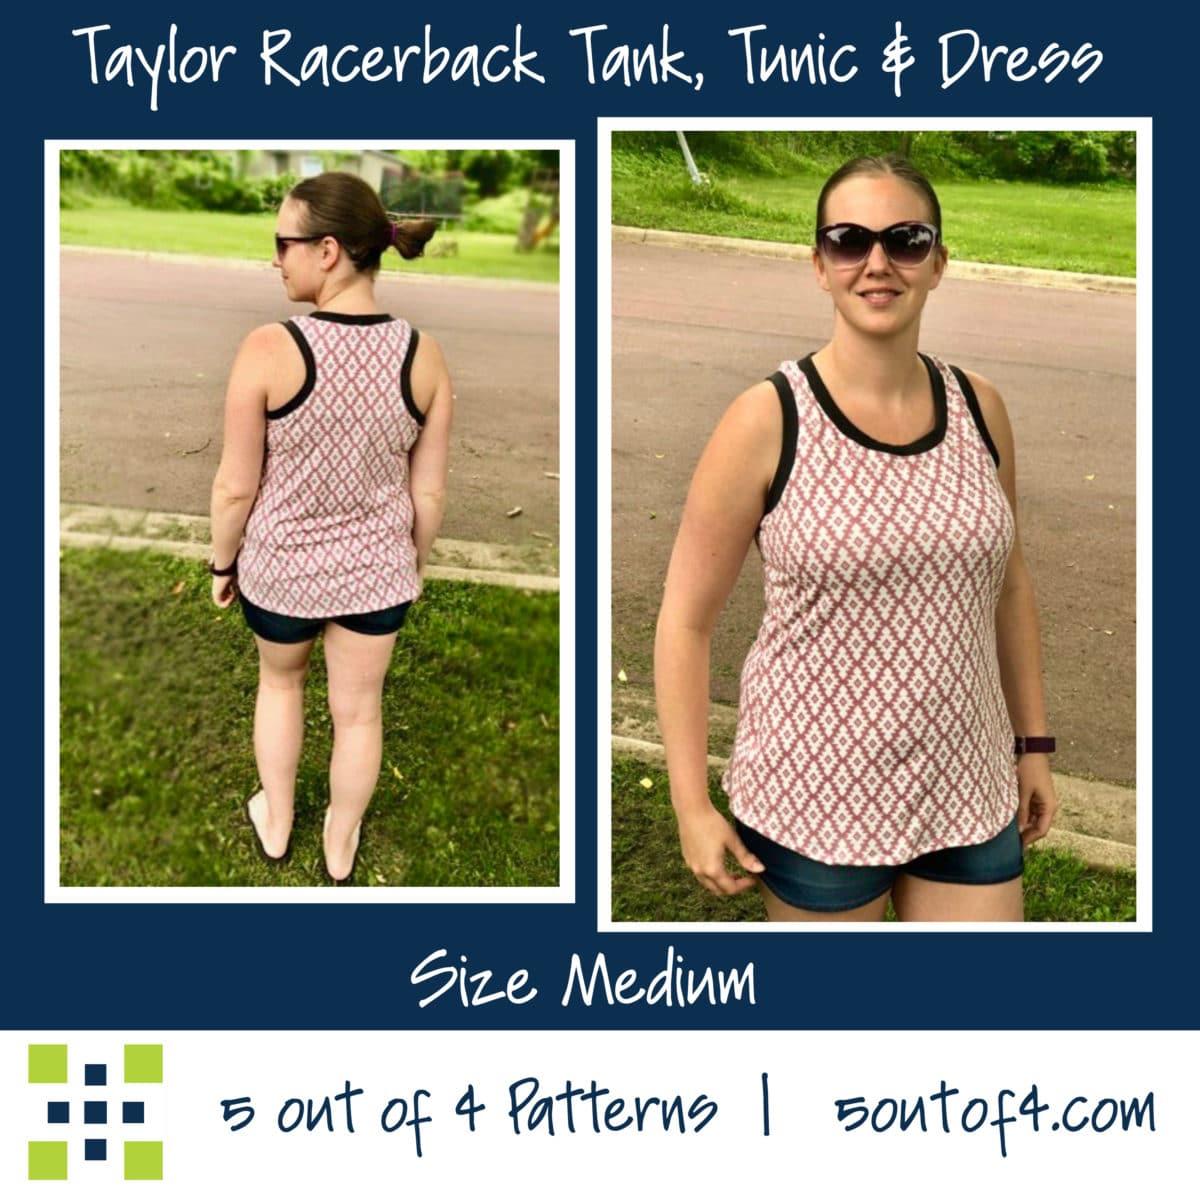 Taylor Racerback tank plain back